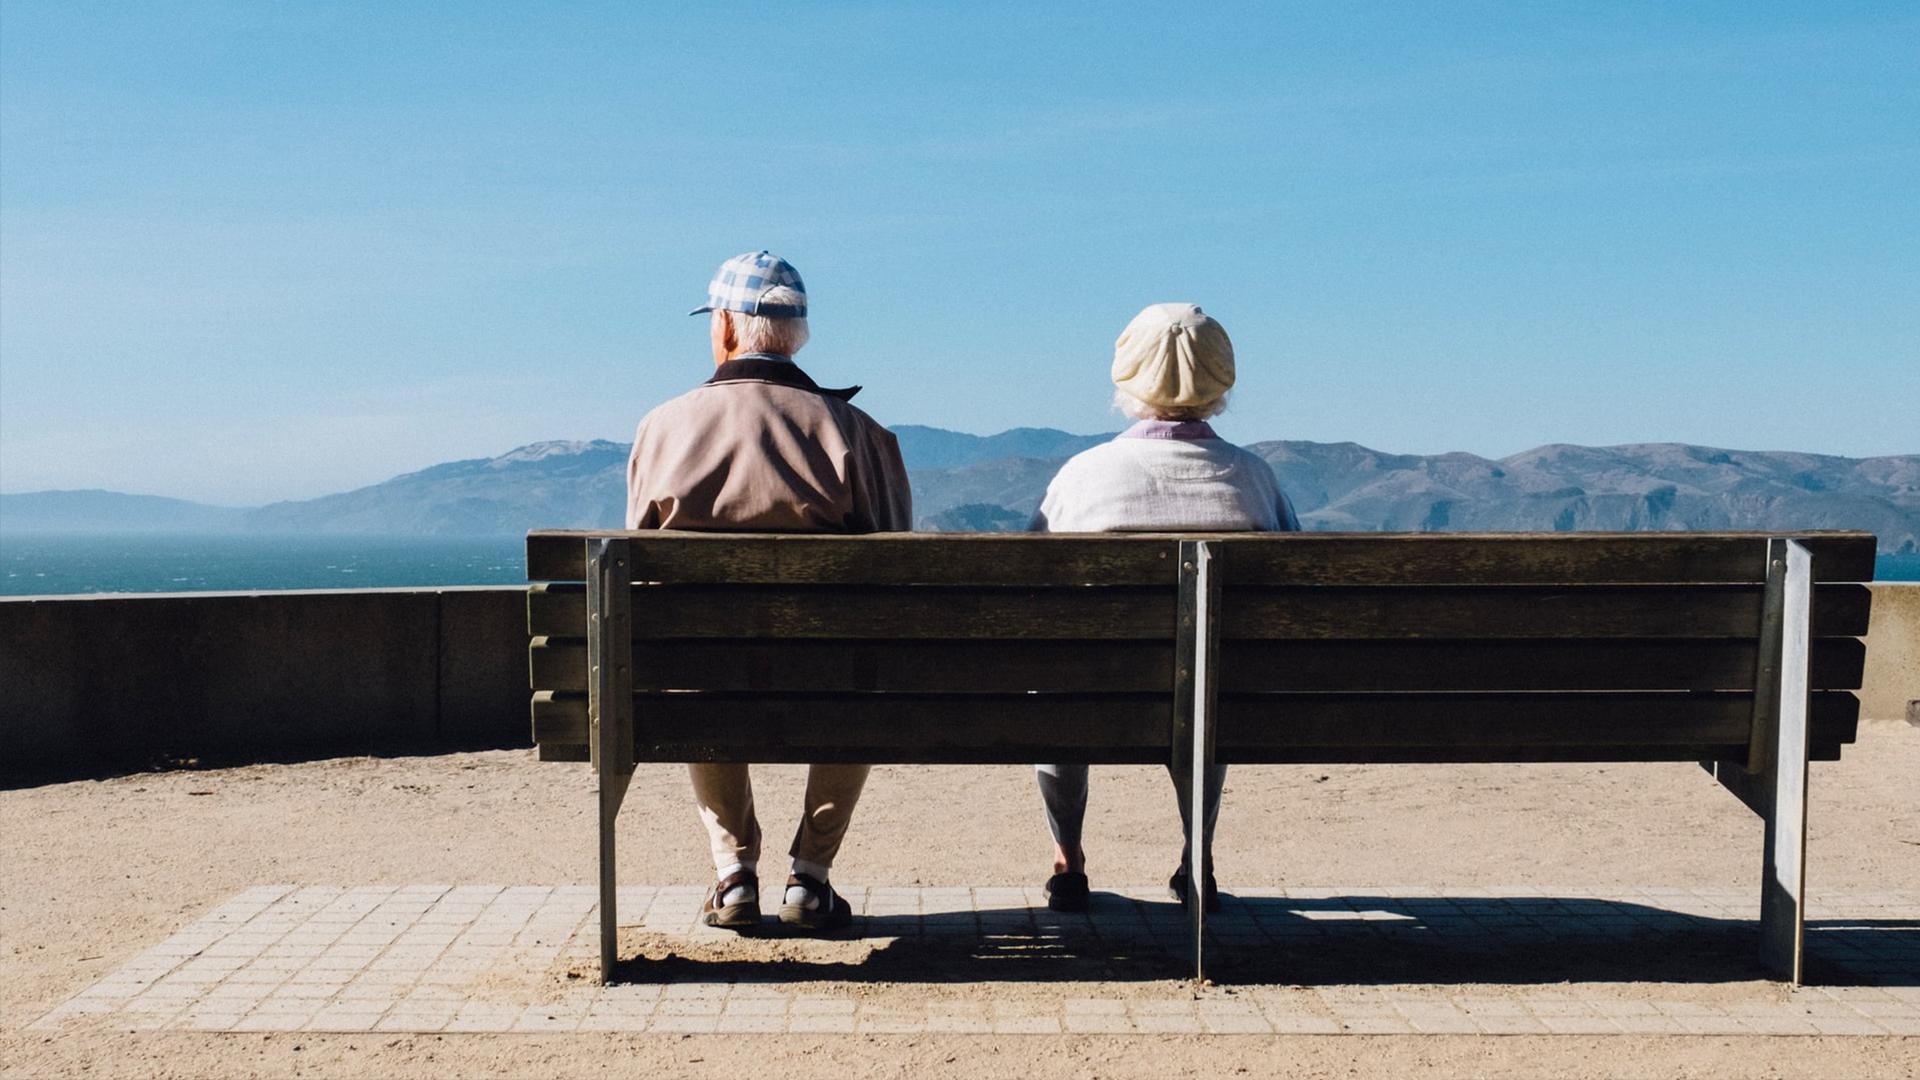 Comment faire pour partir à la retraite plus tôt ?